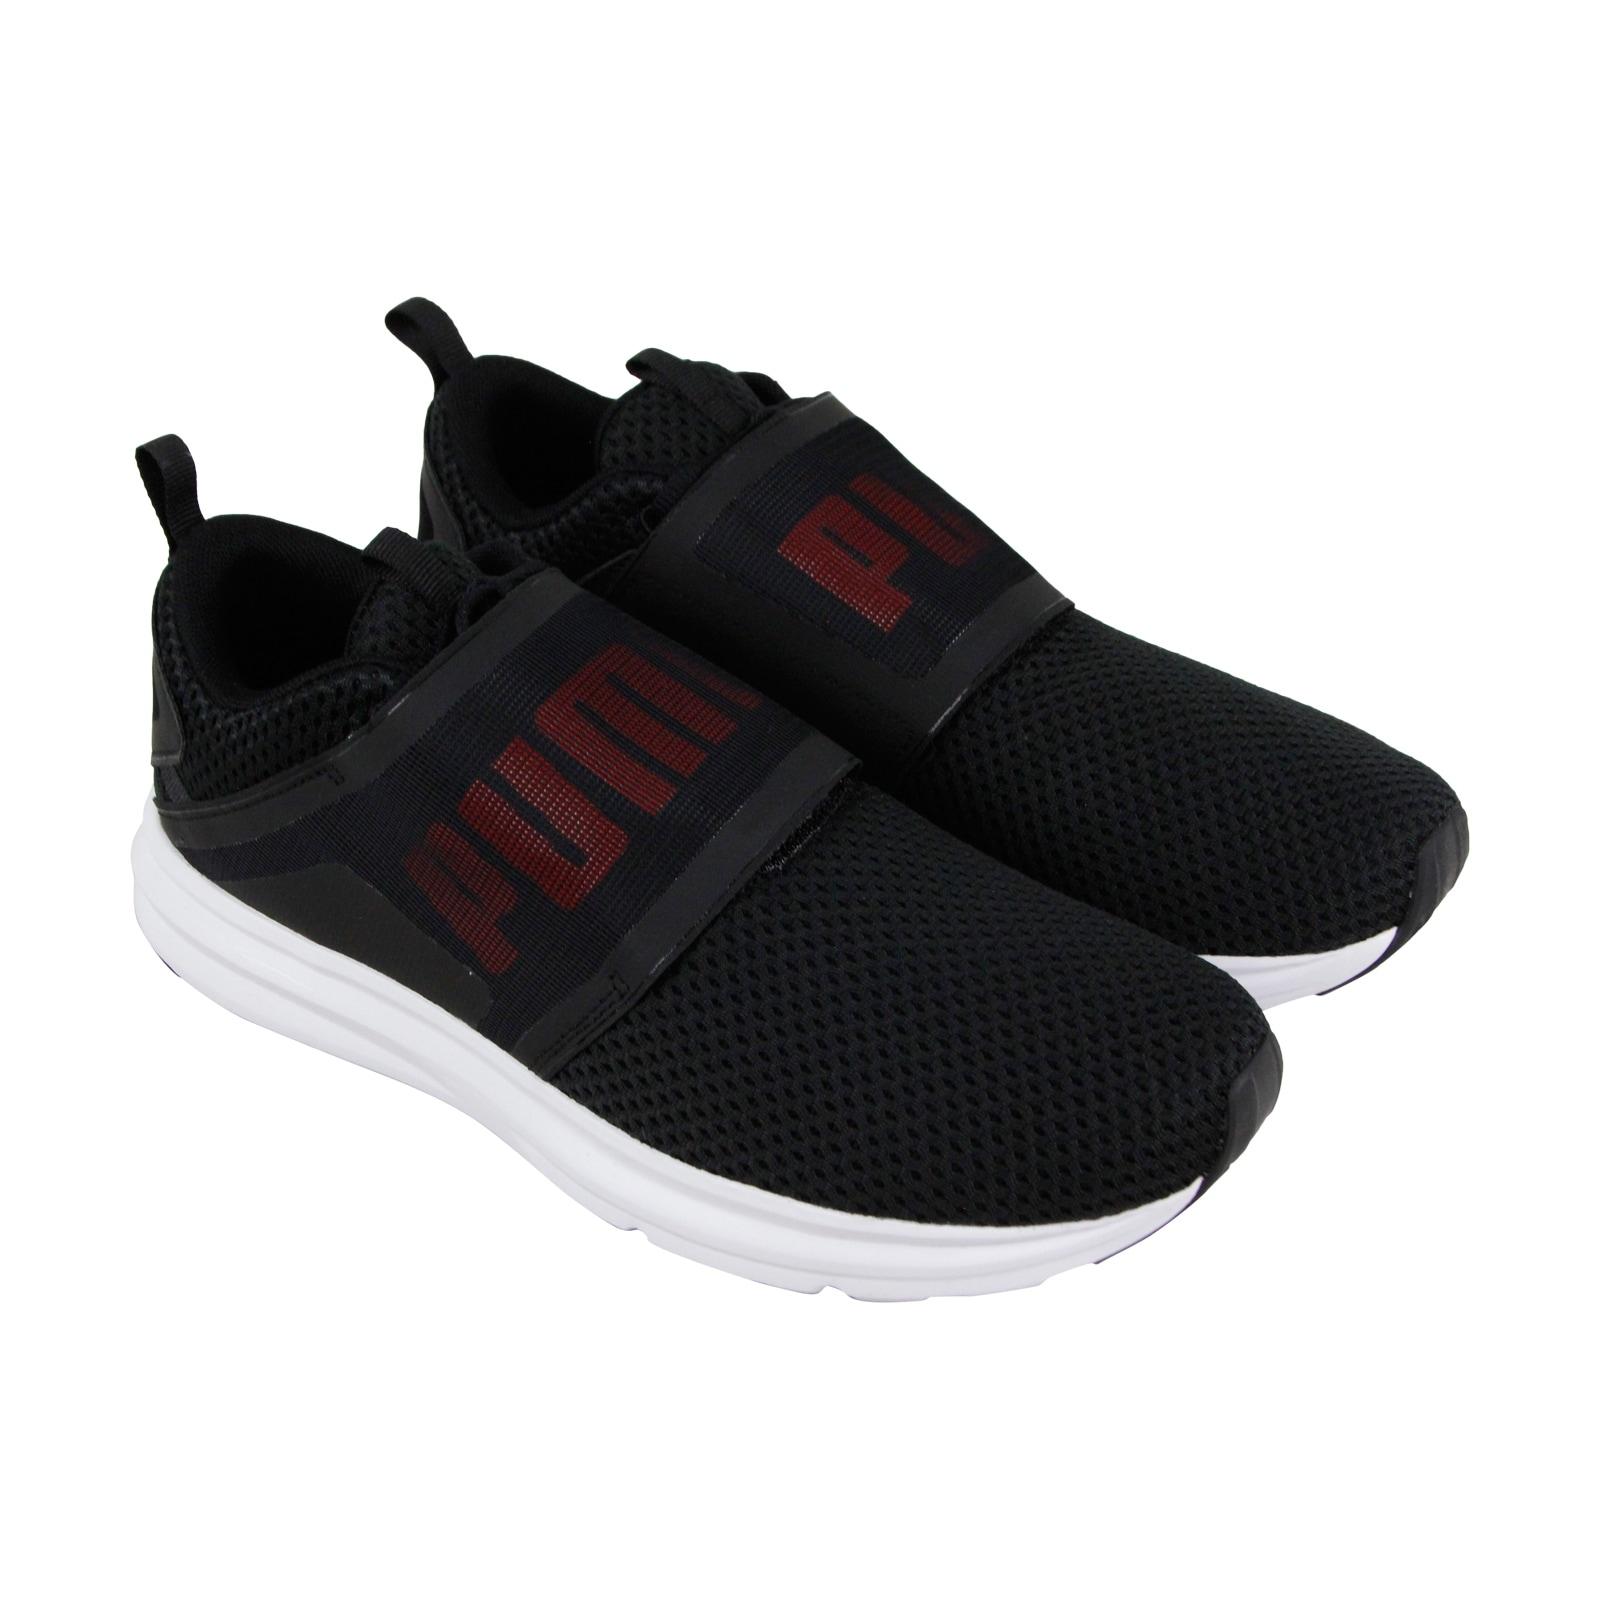 5fe7d3618d8b Puma Shoes